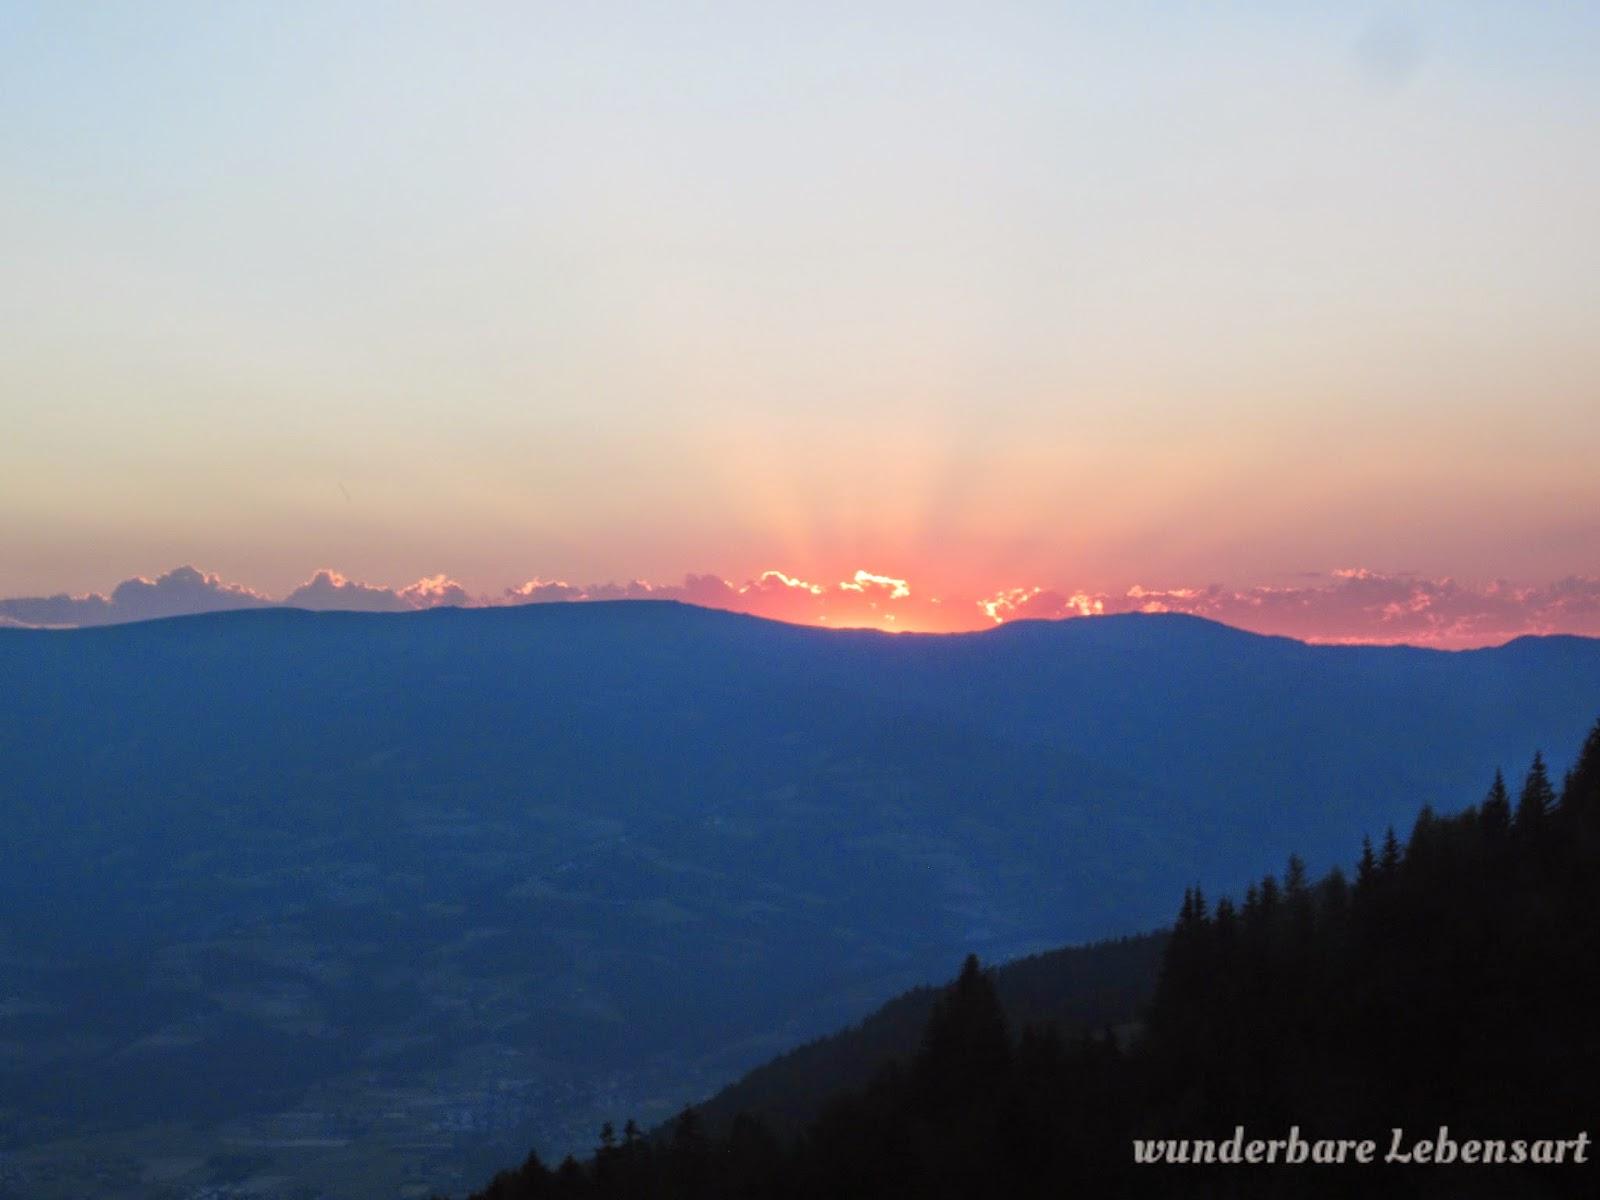 Tageszeiten, Sonnenuntergang im Berg